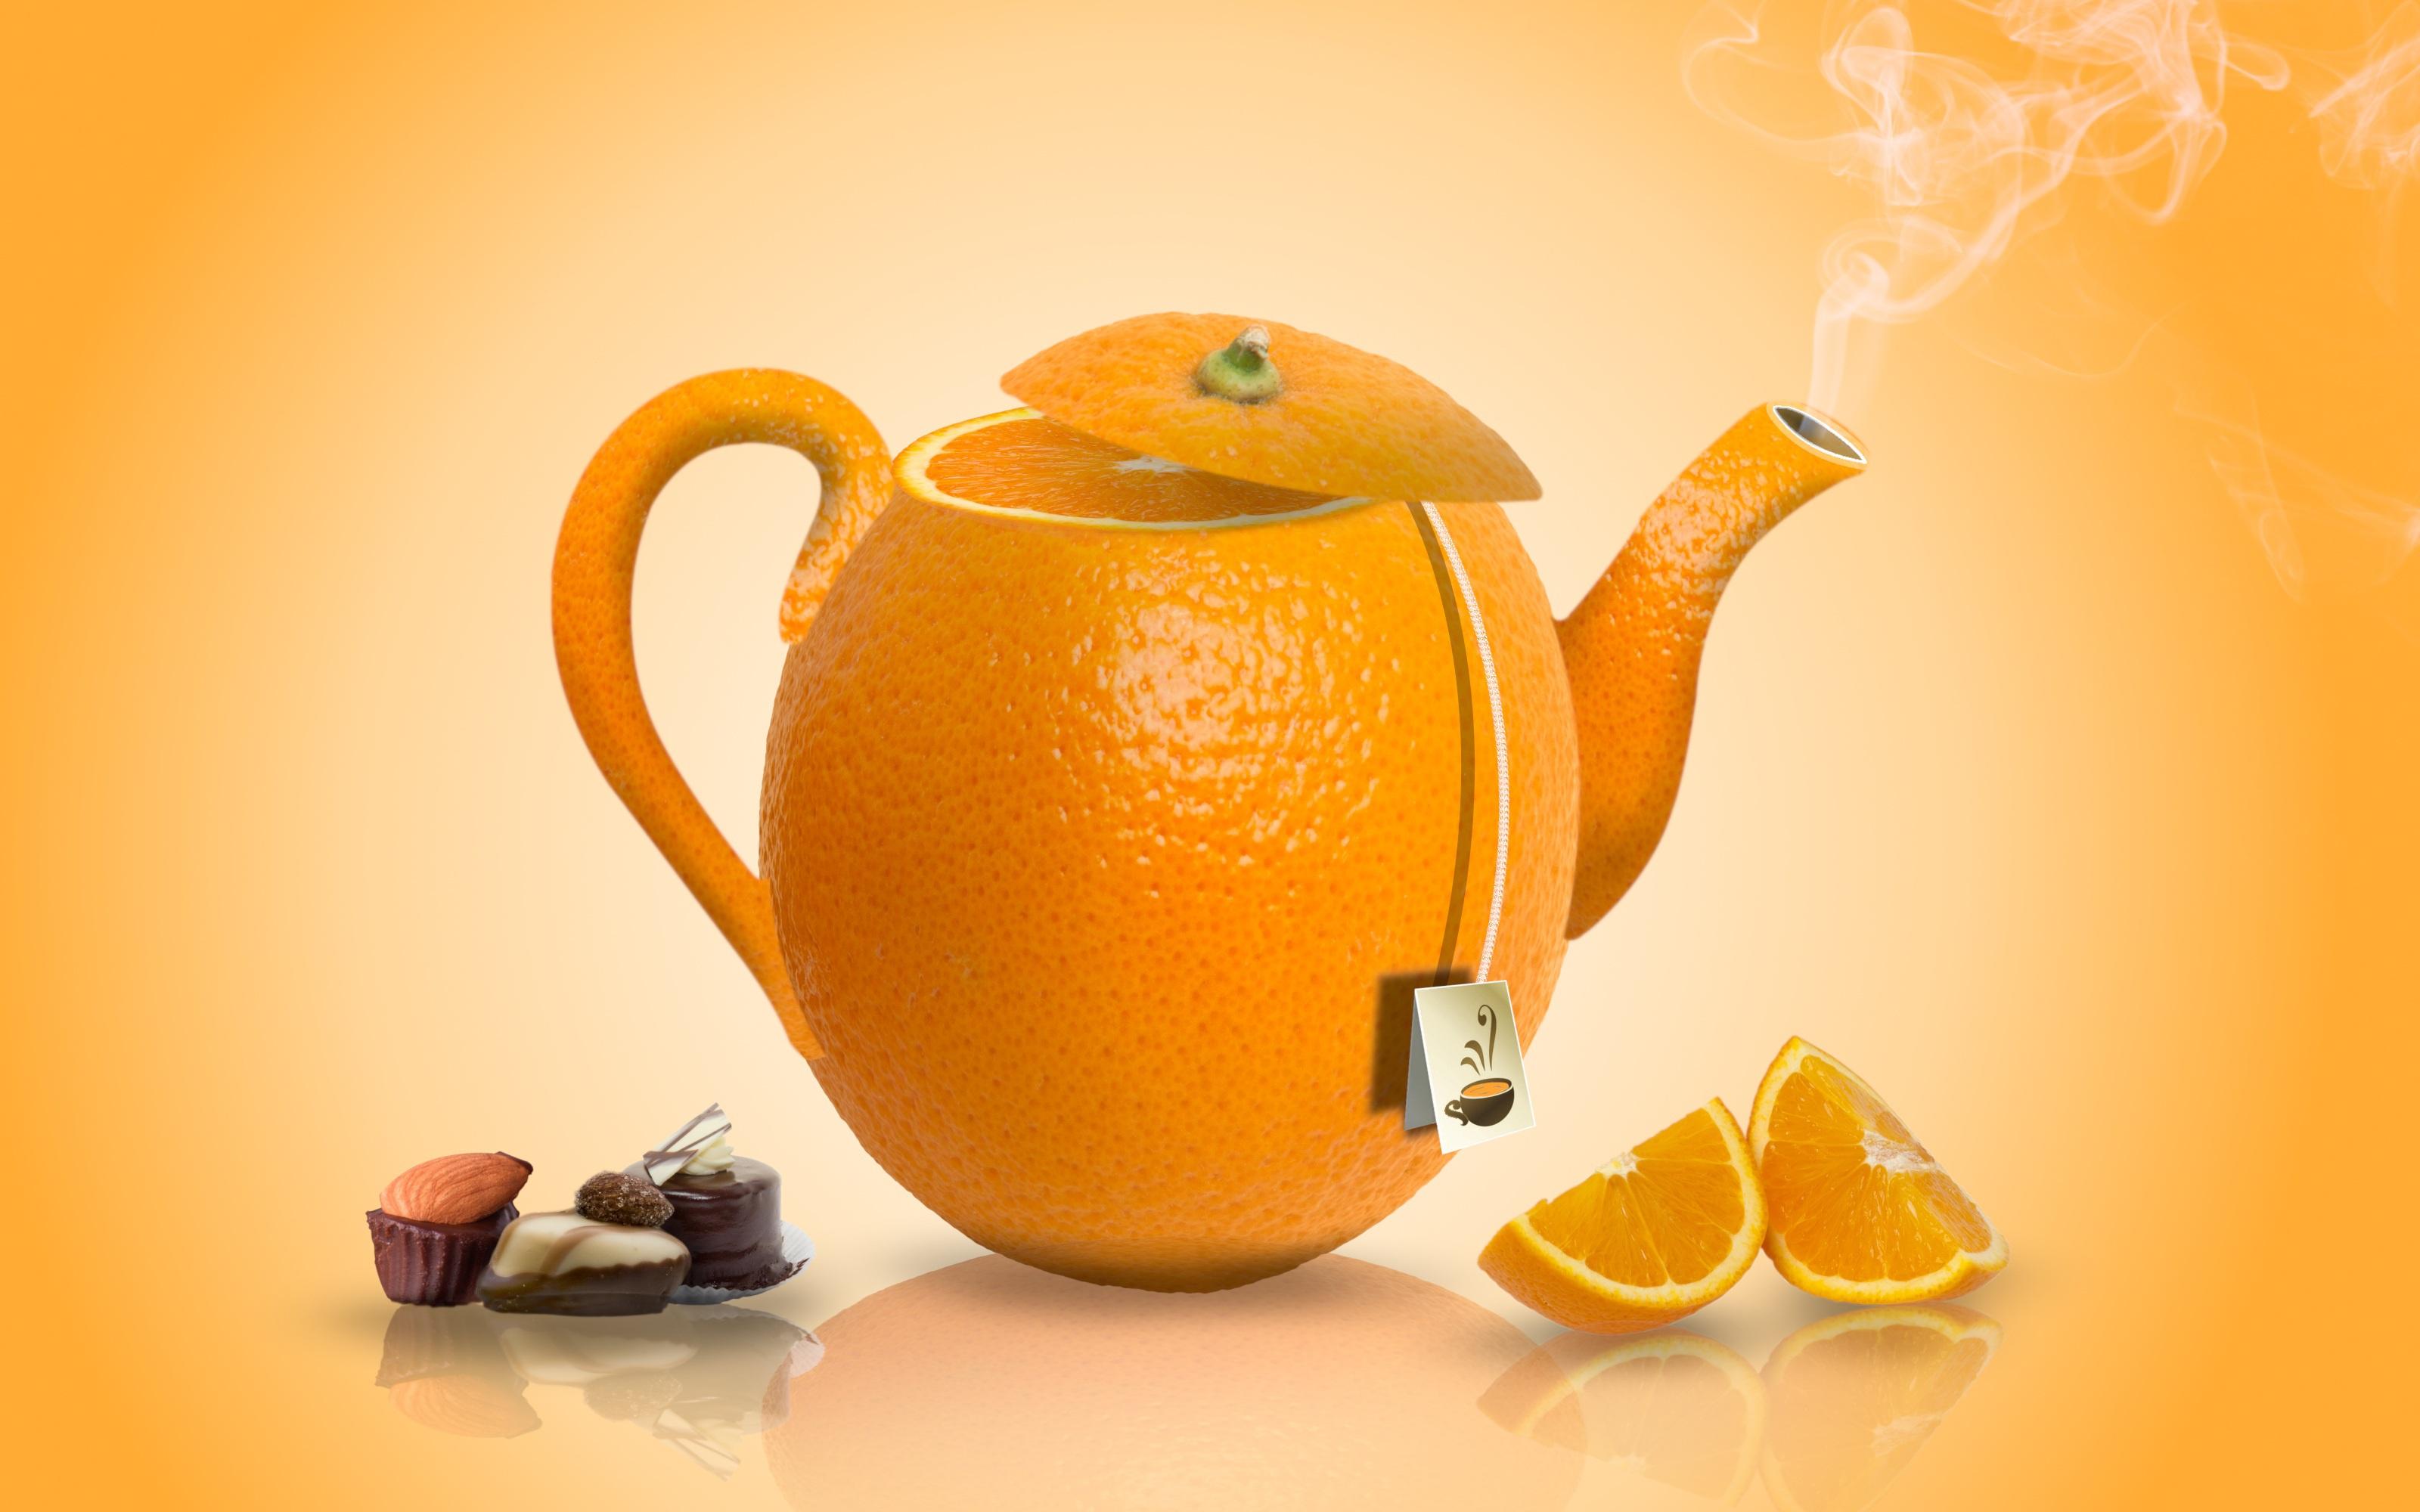 Картинки с апельсином доброе утро, жене рождение